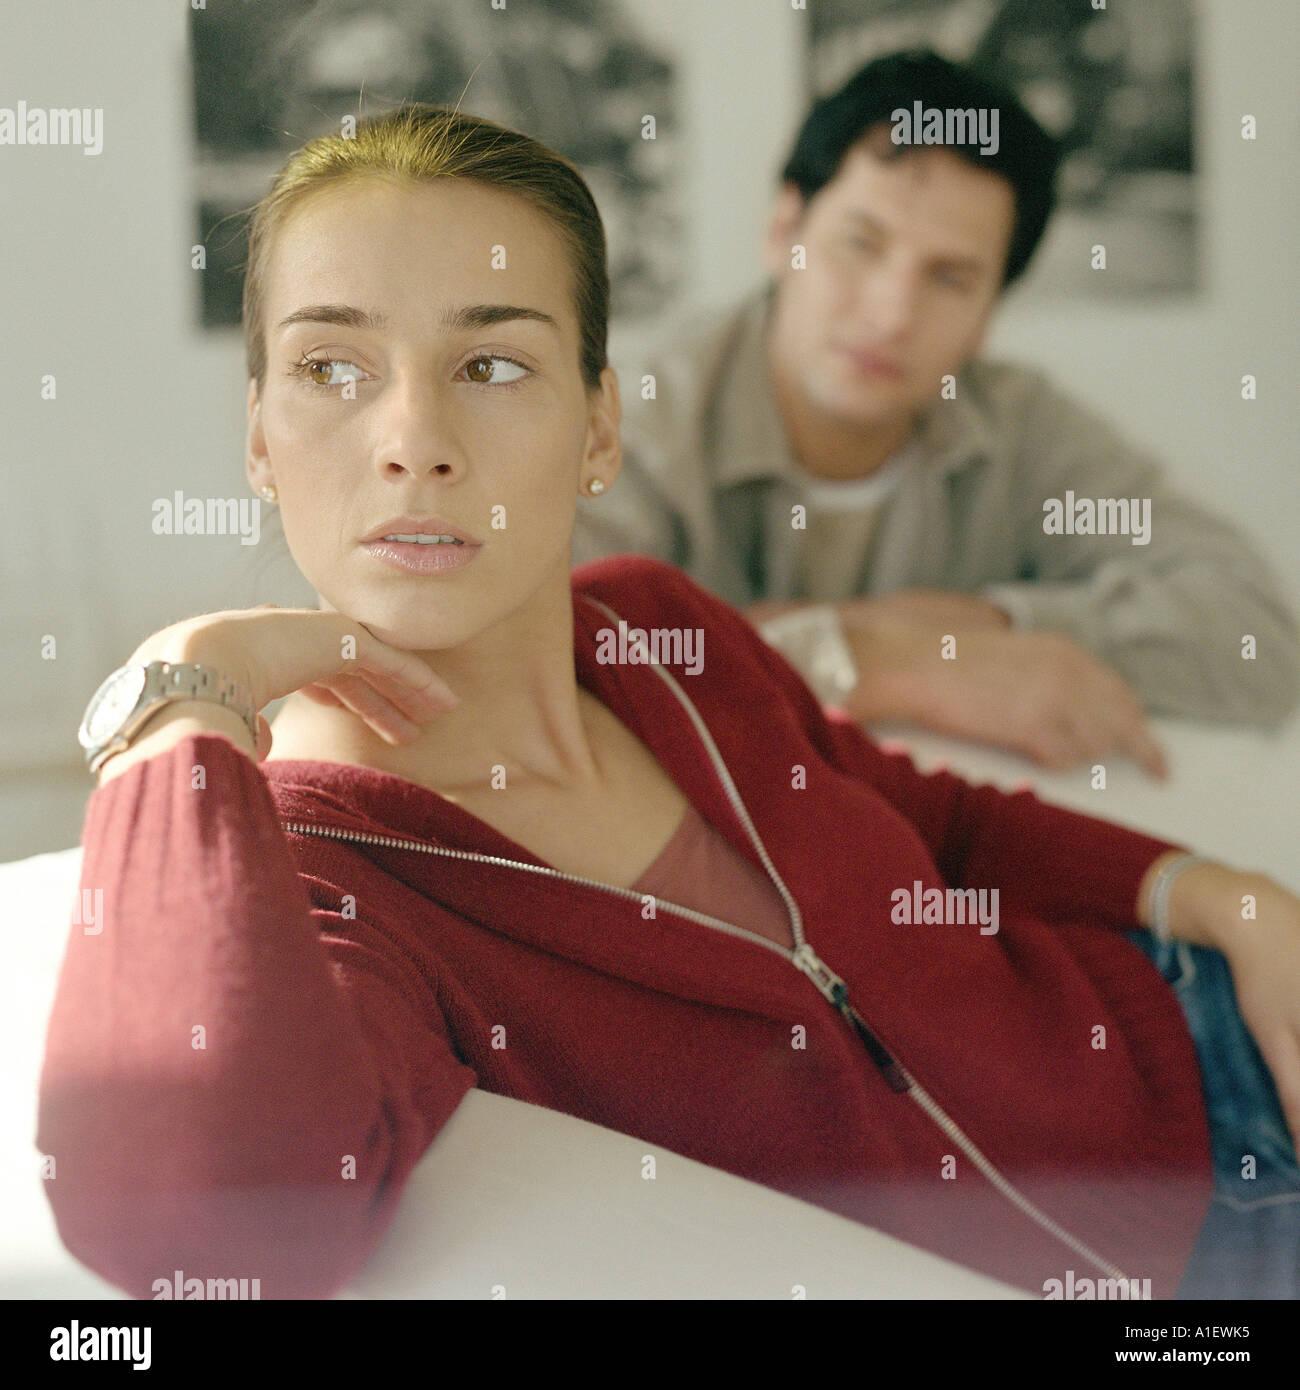 Couple, woman looking away - Stock Image